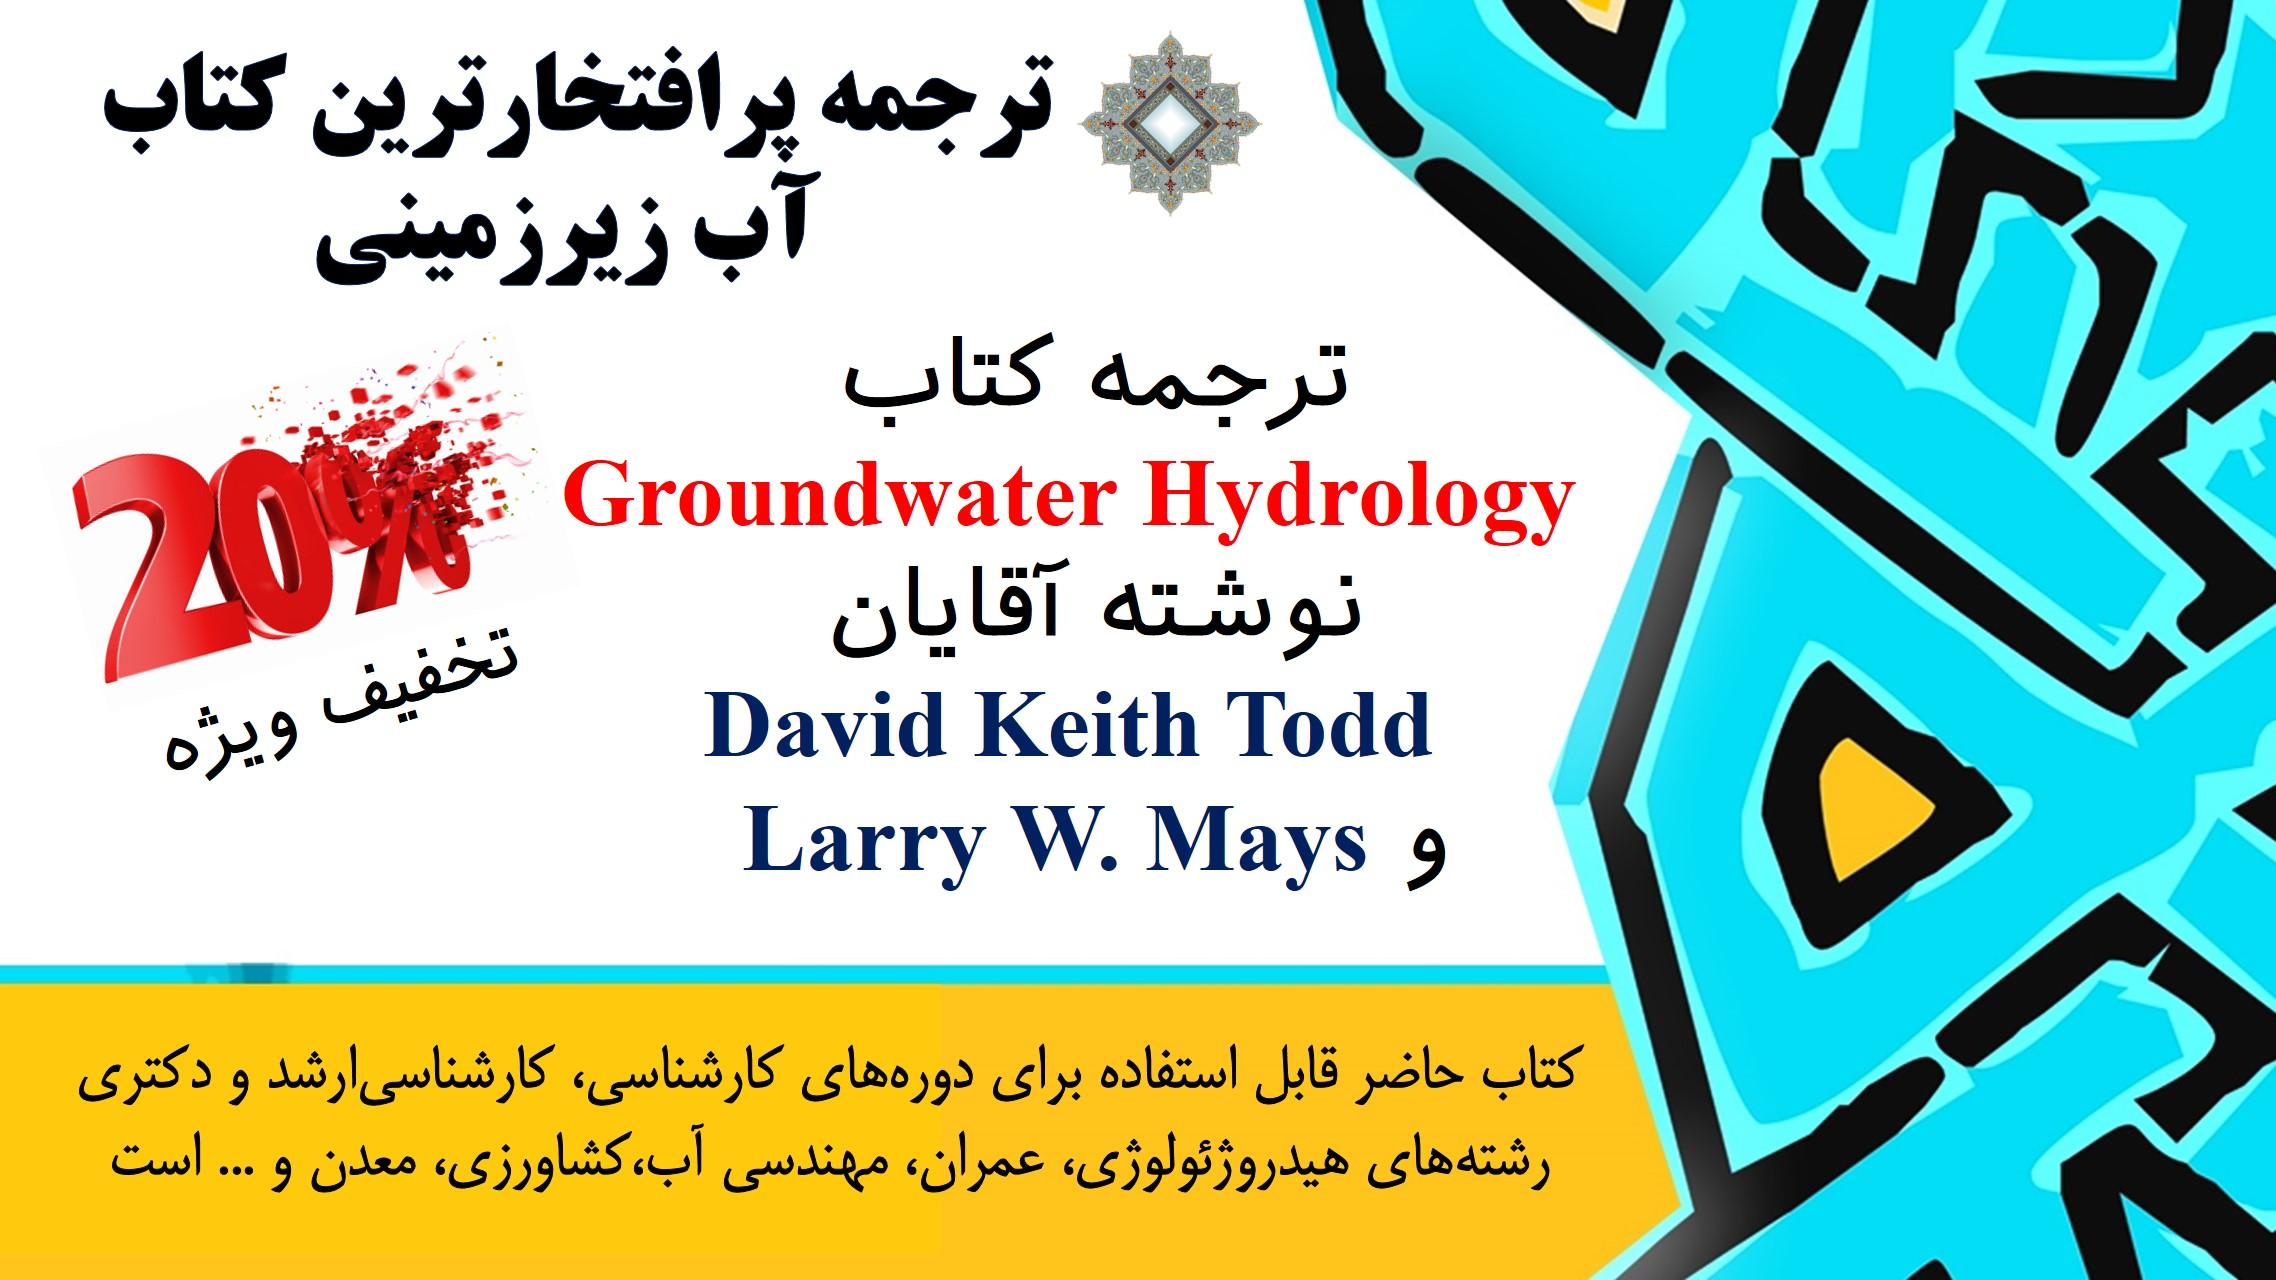 ترجمه پرافتخارترین کتاب آب زیرزمینی، اثر David Todd - مهم ترین مرجع برای دانشجویان و اساتید